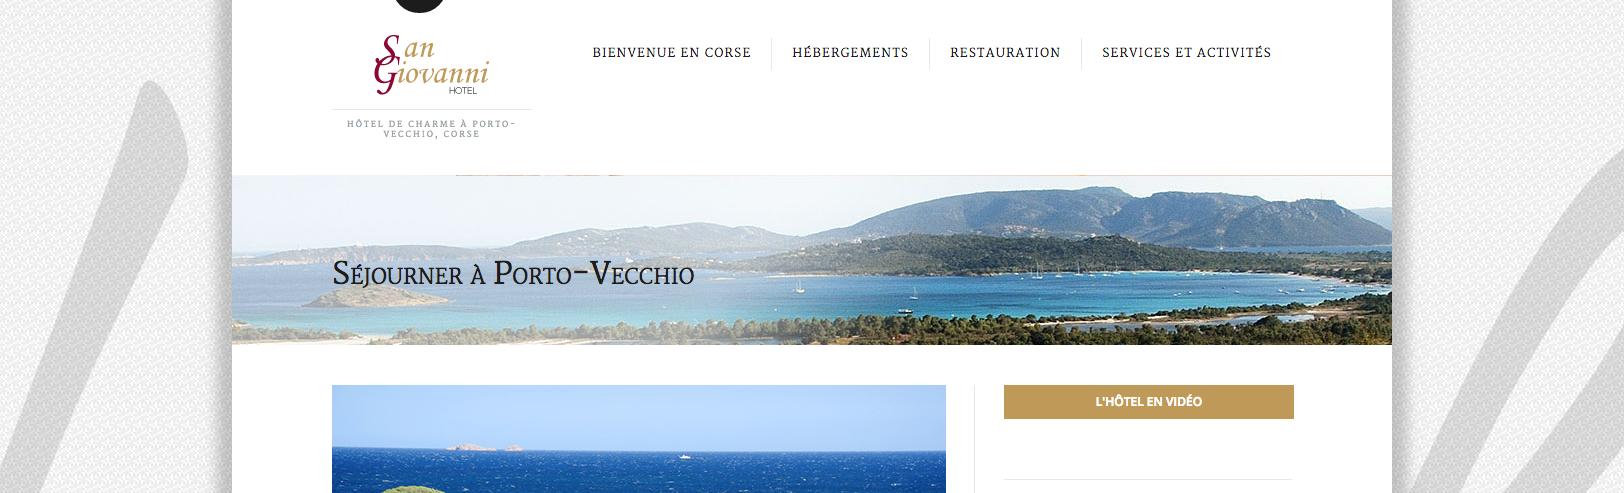 Webmaster hôtelier développant des sites internet pour hôtels indépendants